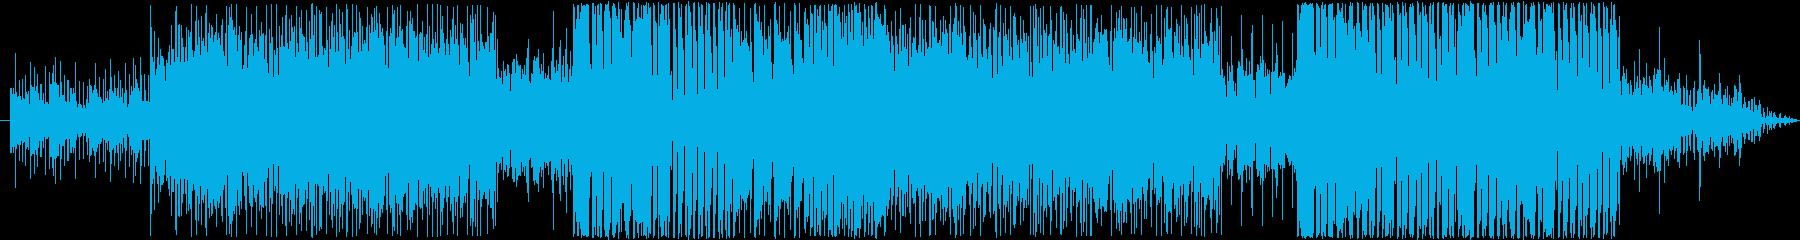 ジャズで暖かい曲の再生済みの波形